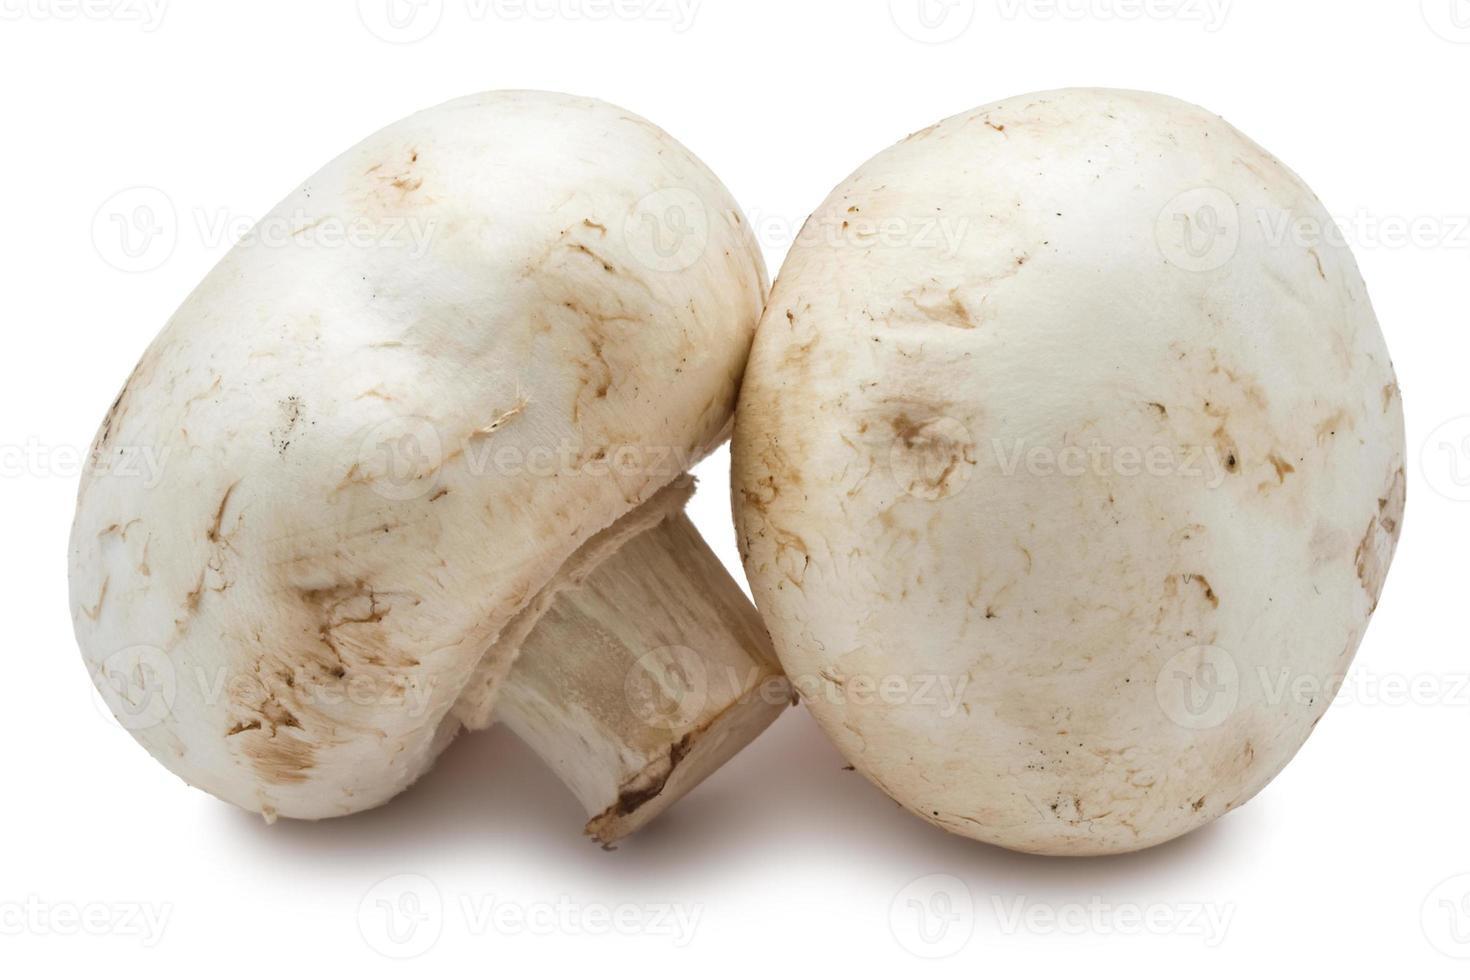 funghi champignon foto